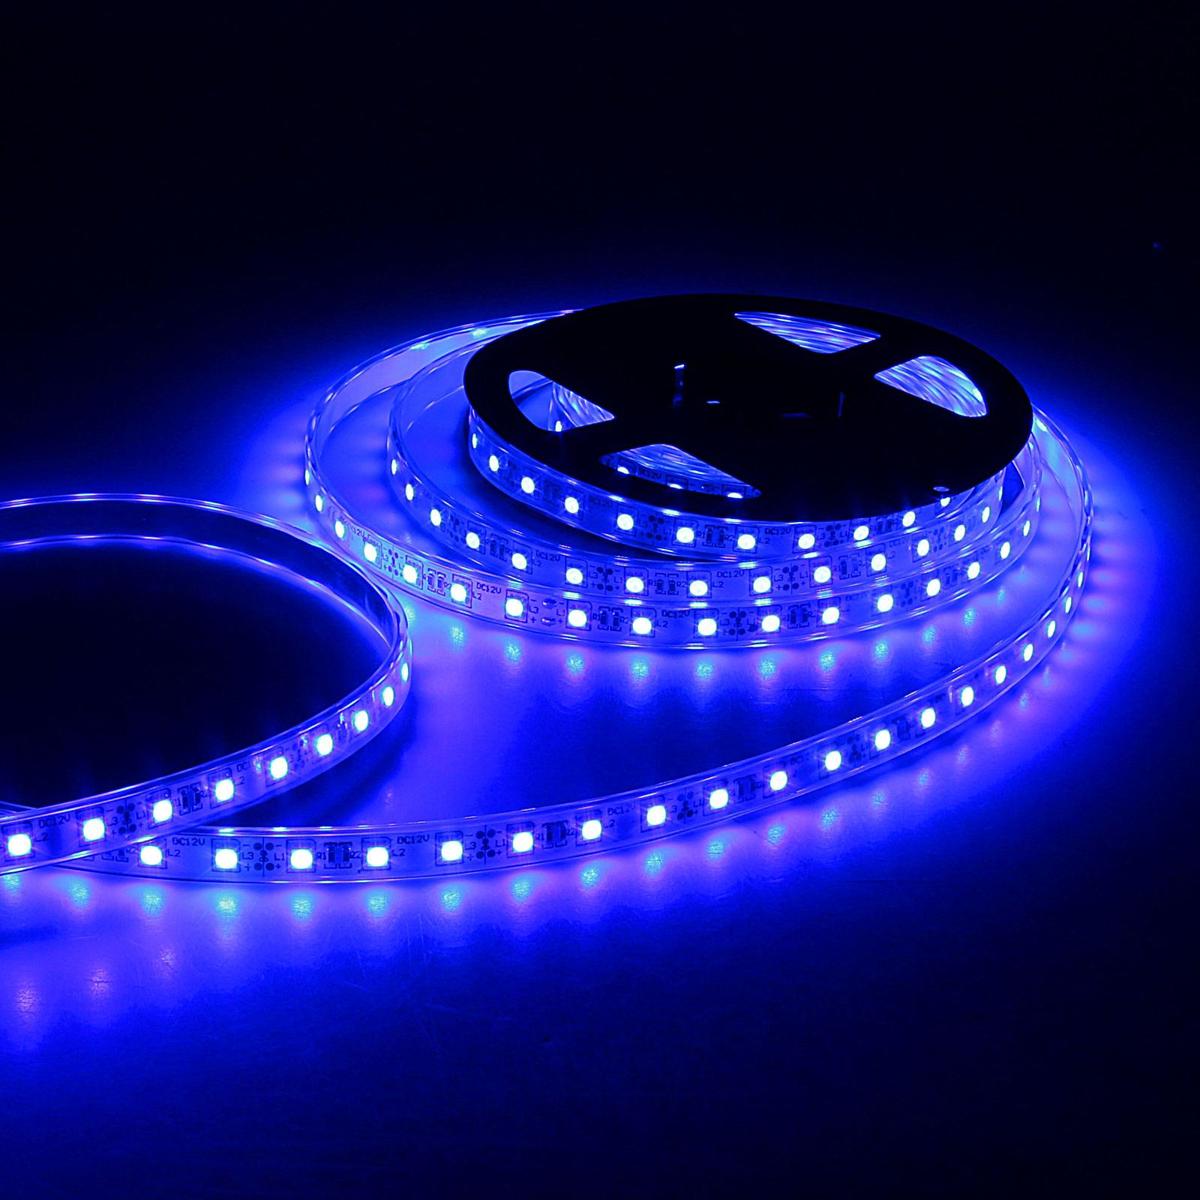 Светодиодная лента Sima-land, 12В, SMD5050, длина 5 м, IP68, 60 LED ламп, 14.4 Вт/м, 10-12 Лм/1 LED, DC, цвет: синий